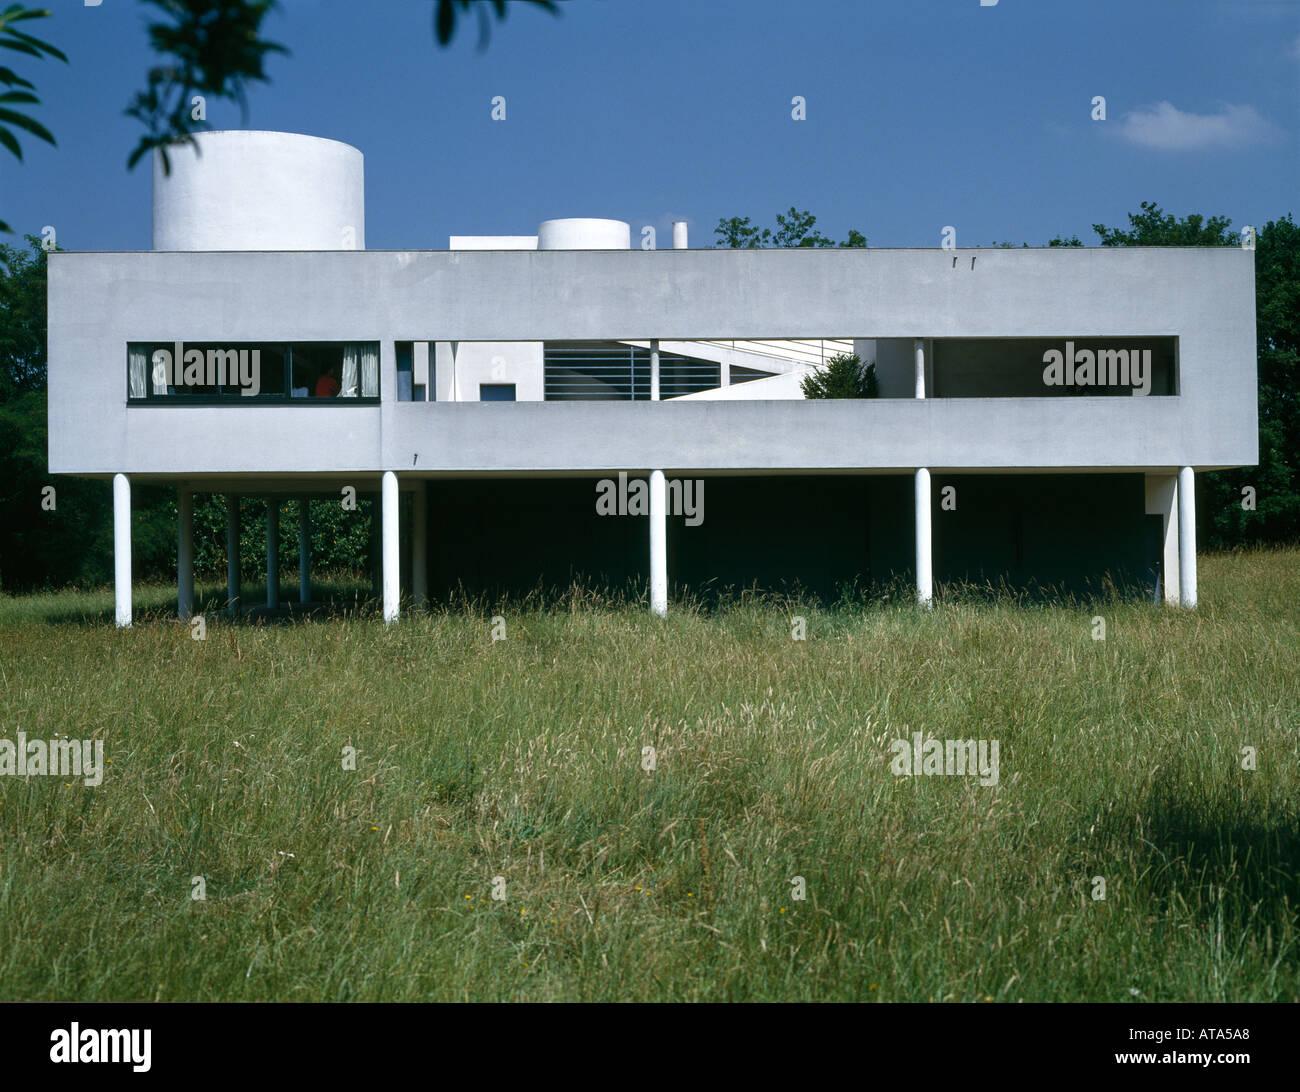 Villa savoye poissy france 1929 exterior architect le corbusier stock p - Villa savoye poissy francia ...